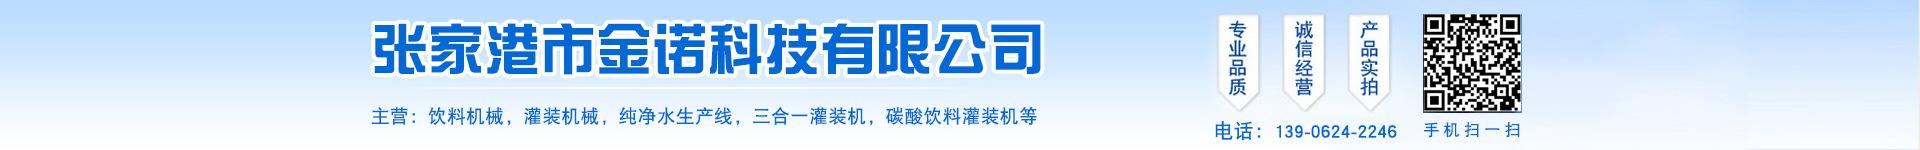 张家港市金诺科技有限公司